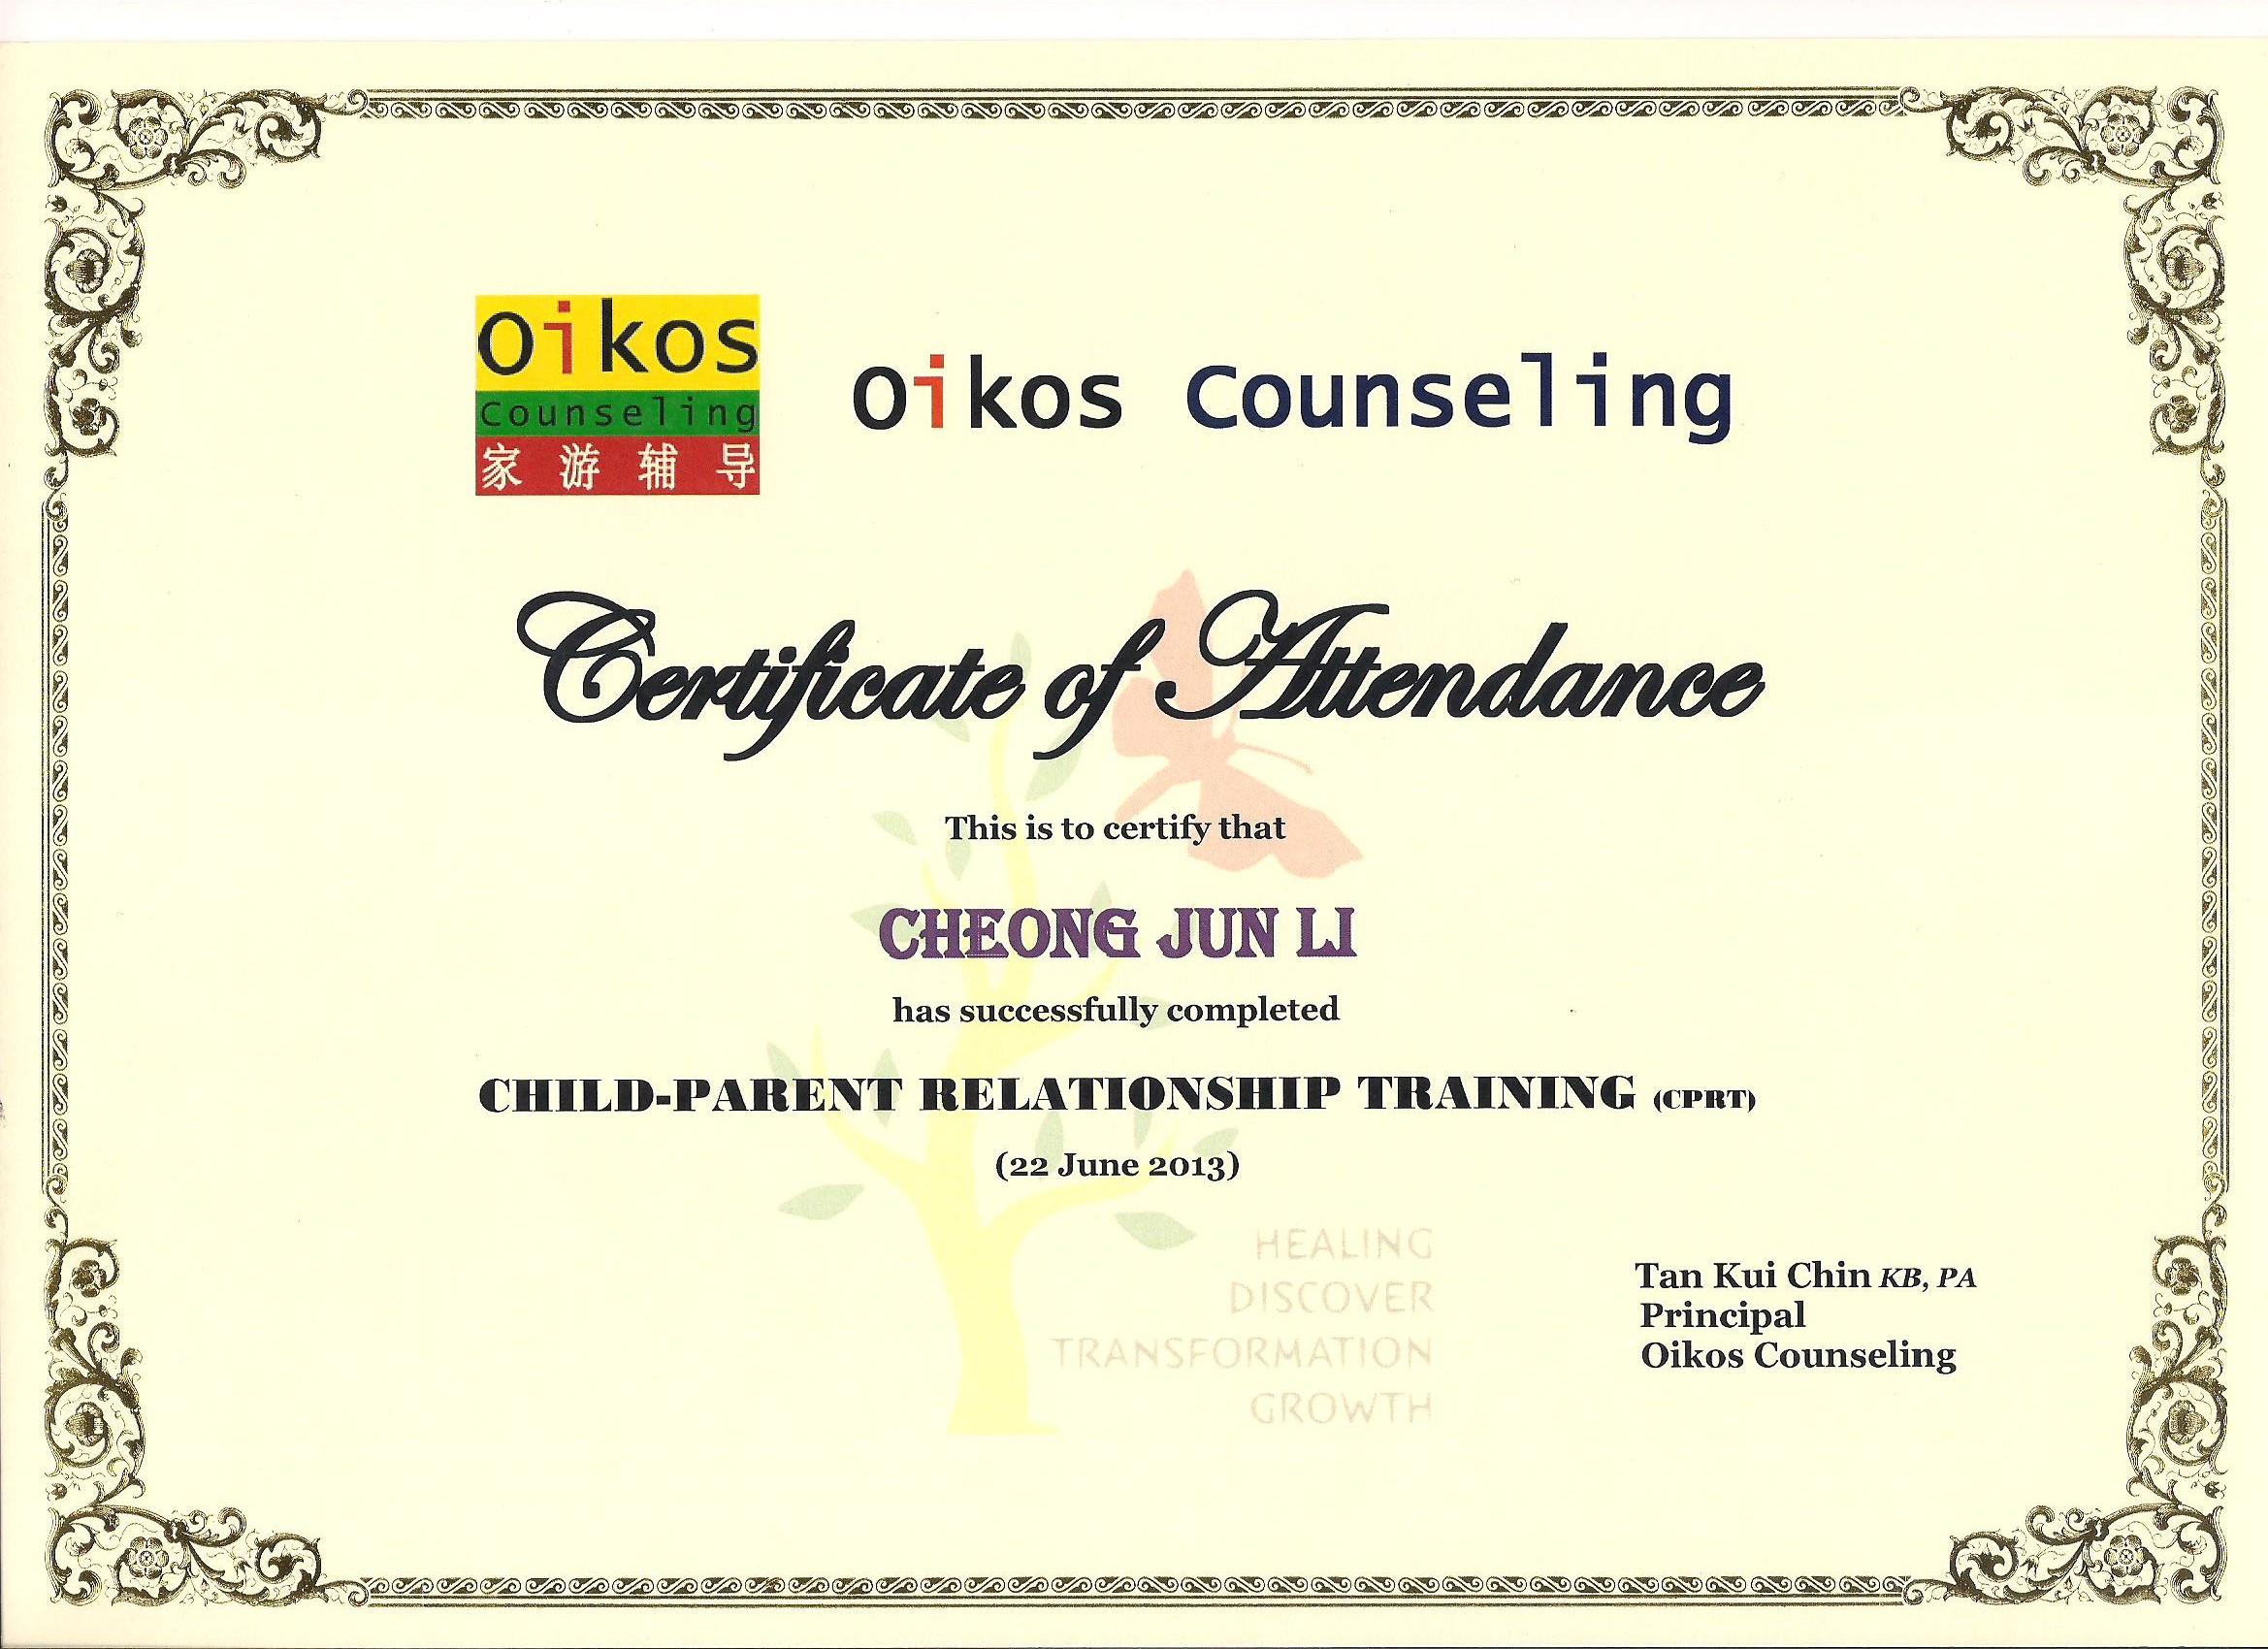 Teamcheong Jun Li Oikos Counseling